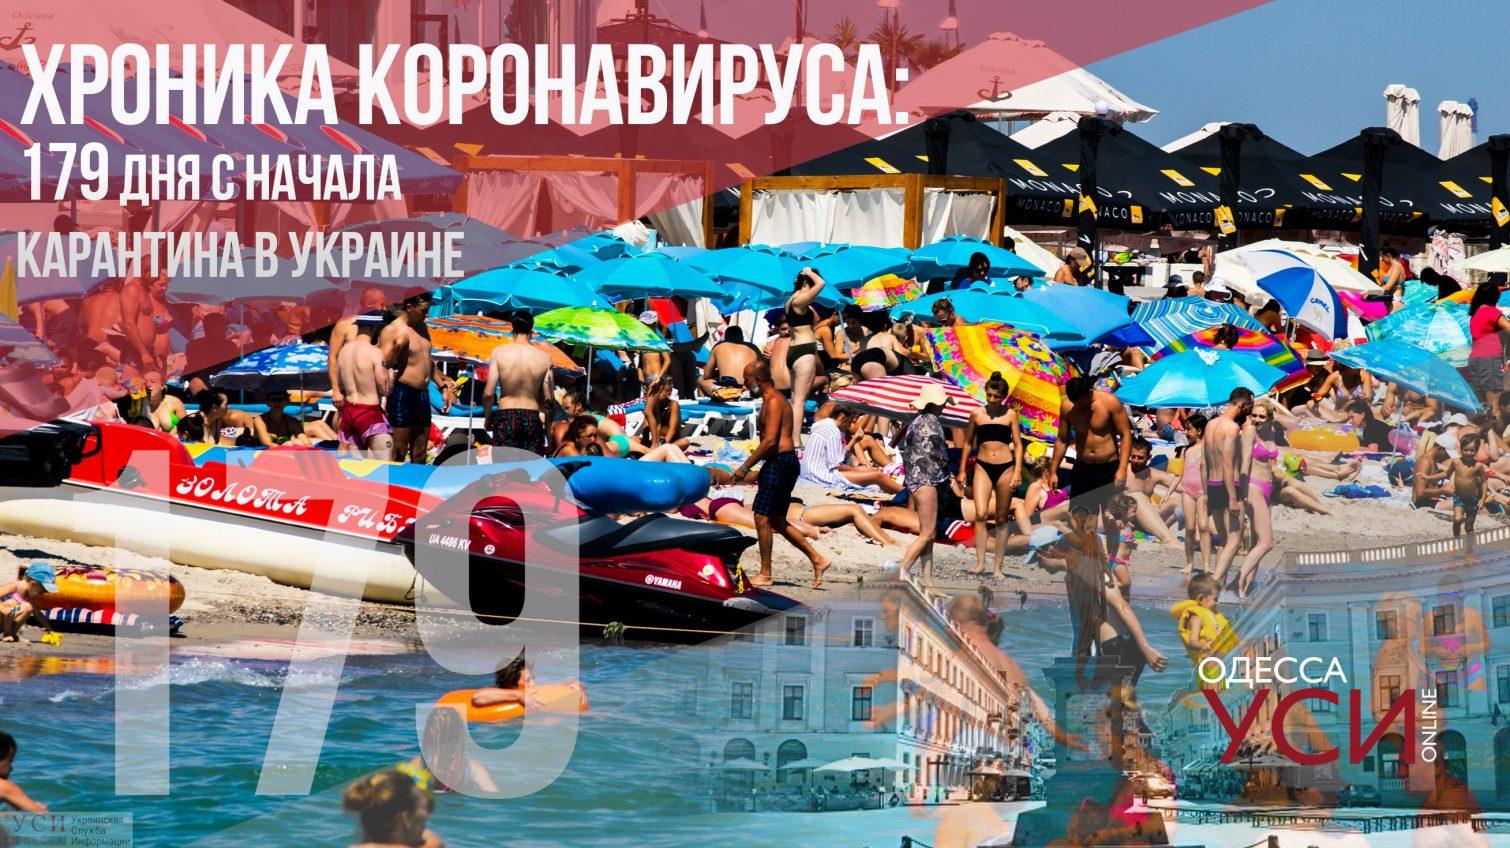 Хроника коронавируса: 179 дней с начала карантина в Украине «фото»